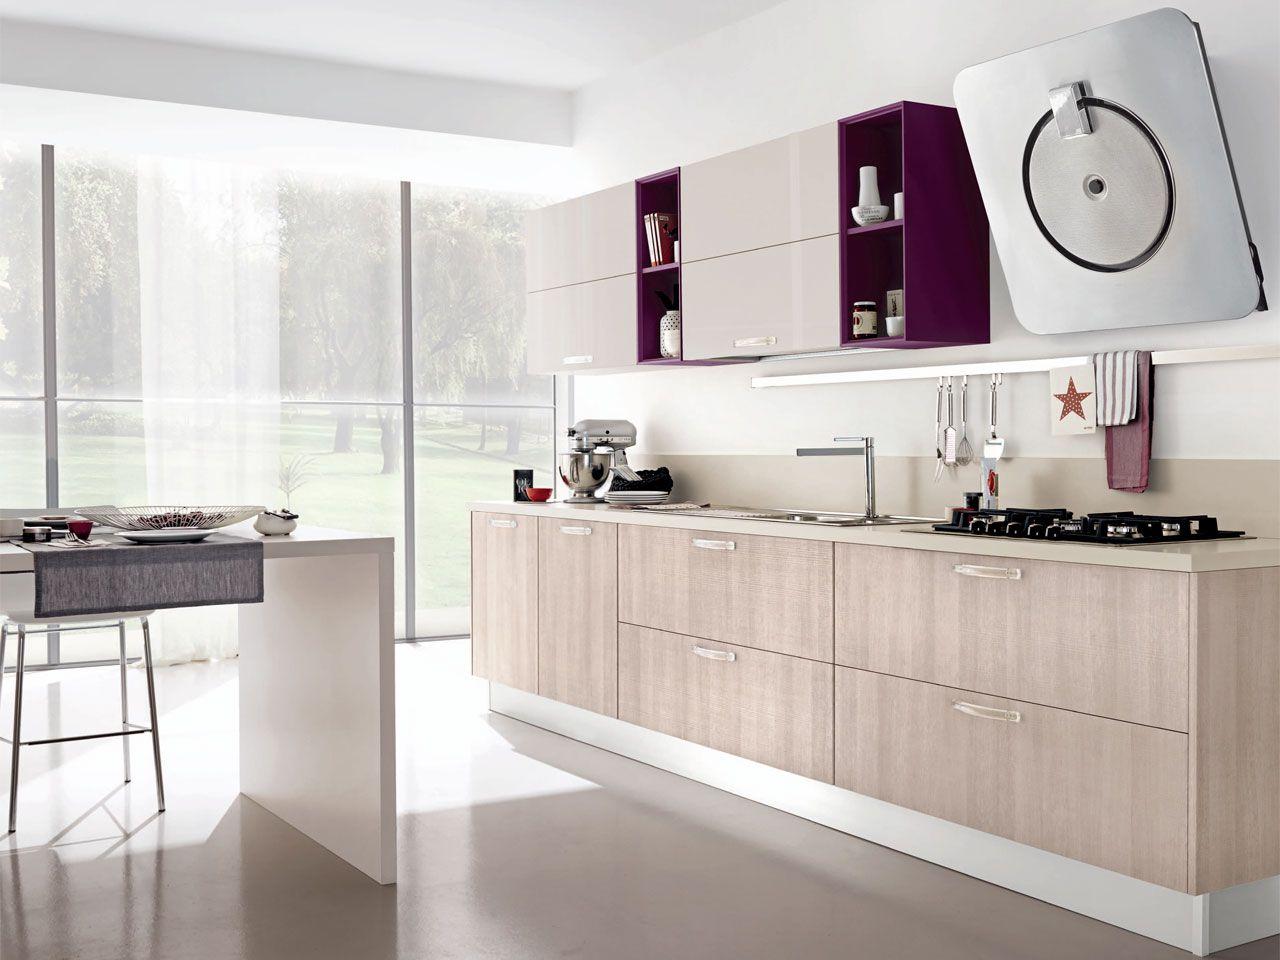 Noemi - Кухни - Cucine Lube Фіолетові вставки, верхній колір ...